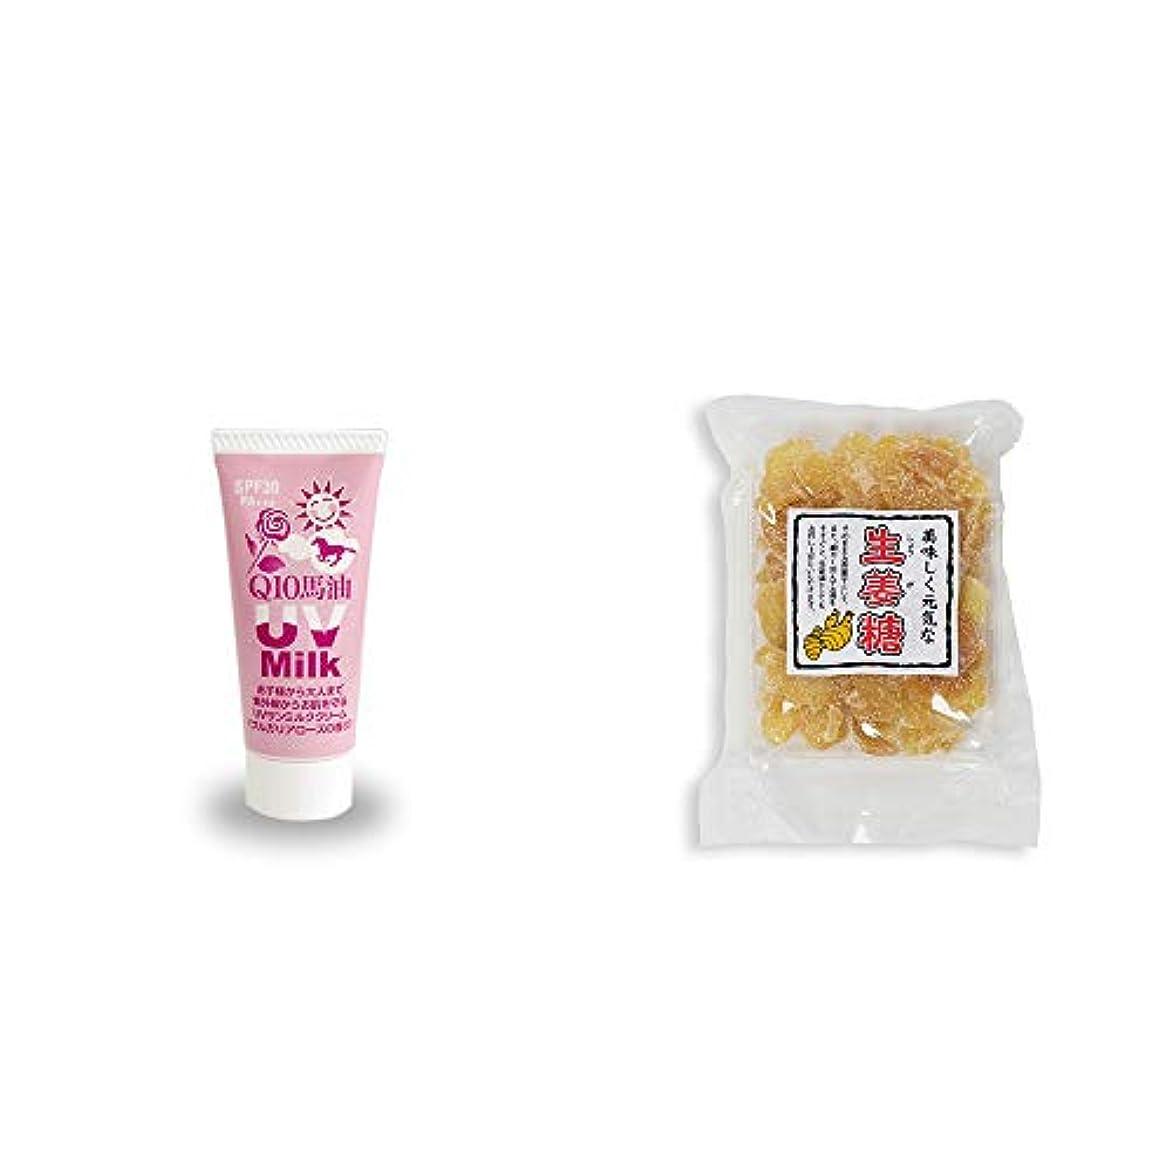 コジオスコなぜ用量[2点セット] 炭黒泉 Q10馬油 UVサンミルク[ブルガリアローズ](40g)?生姜糖(230g)